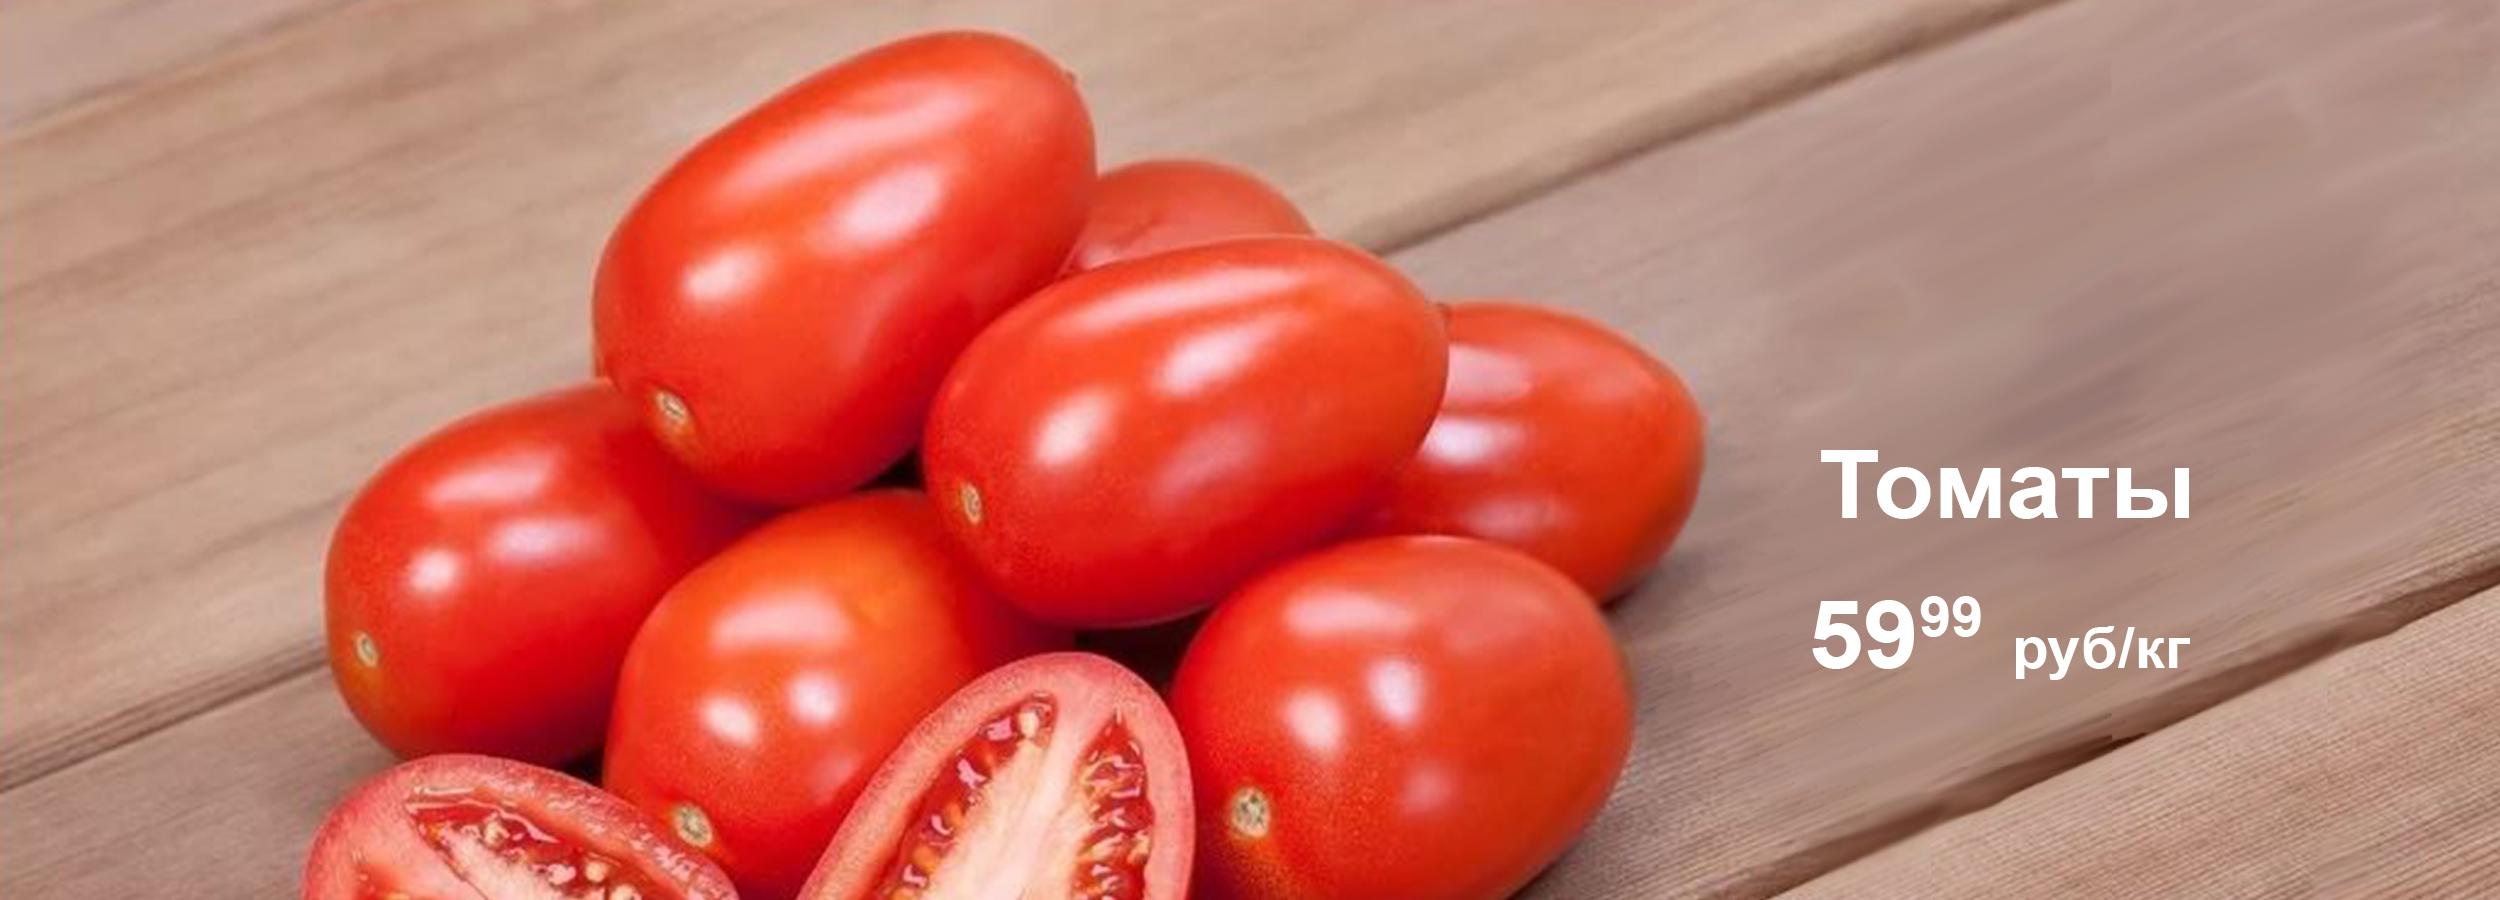 томаты 59,99